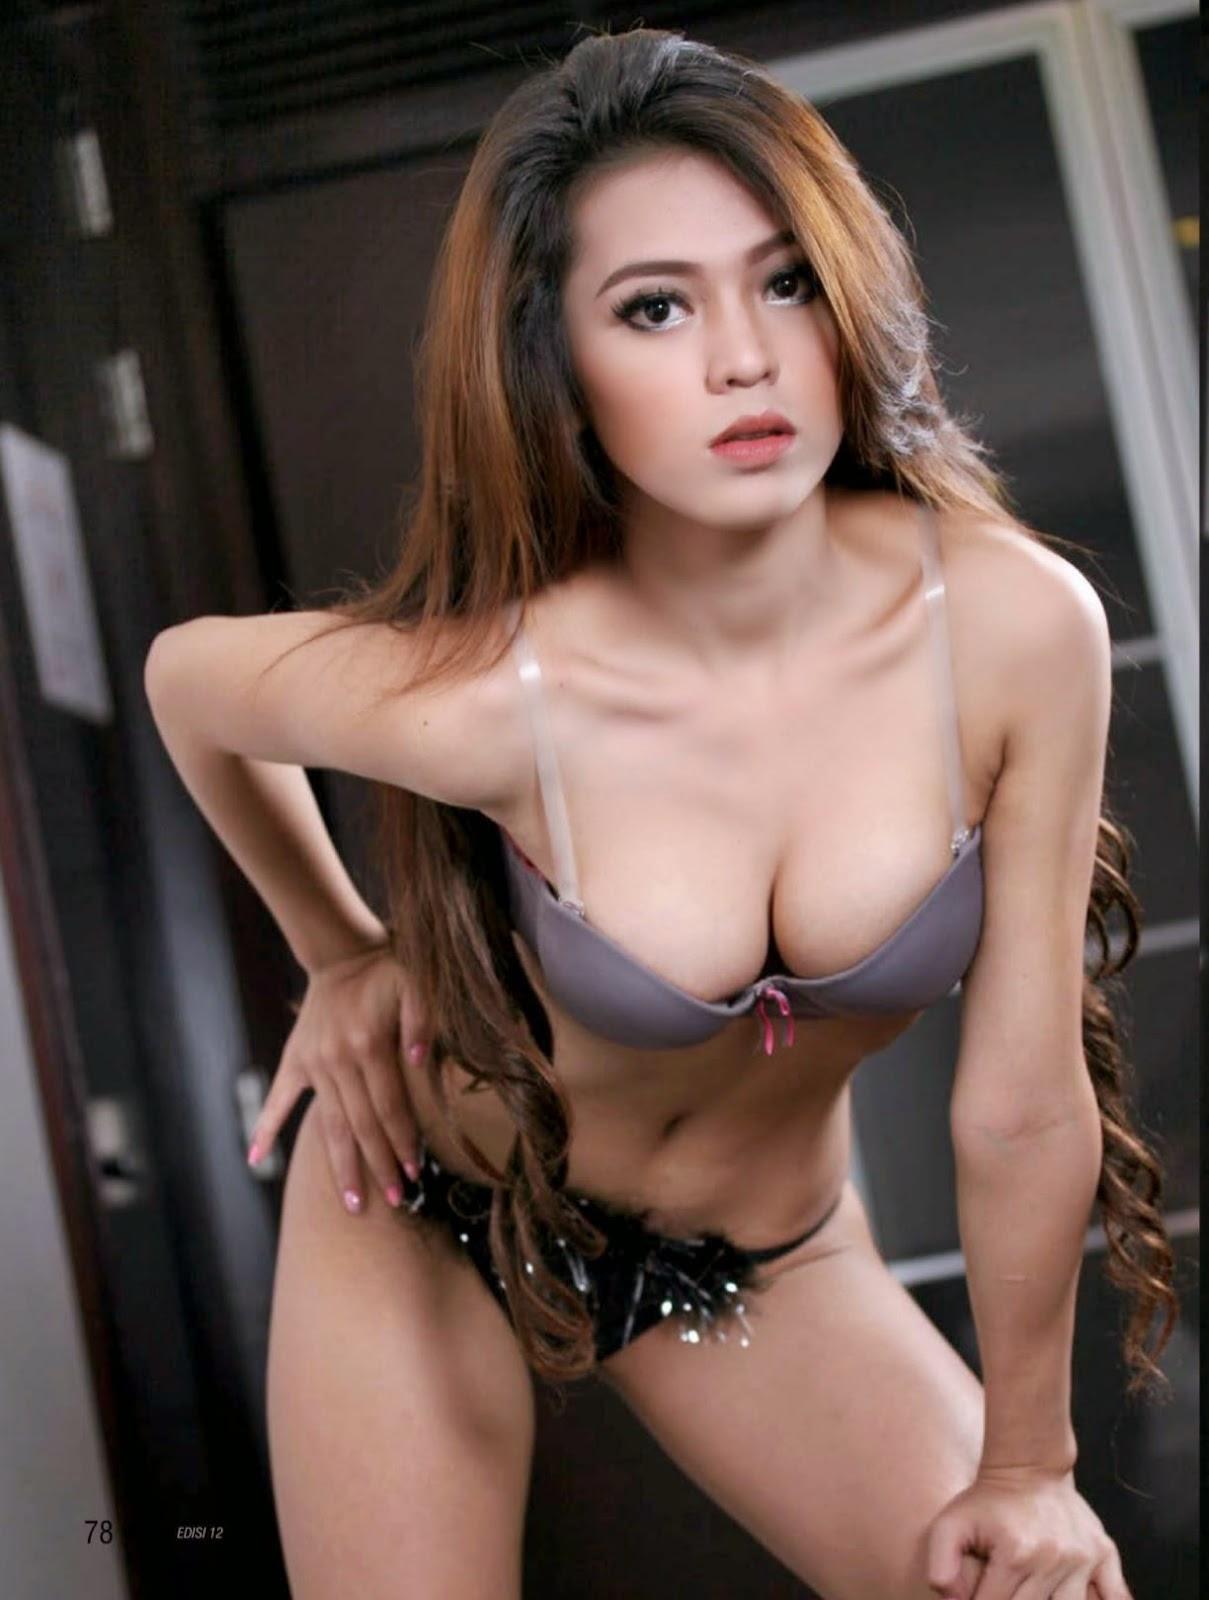 Galeri super model asia nude hot are